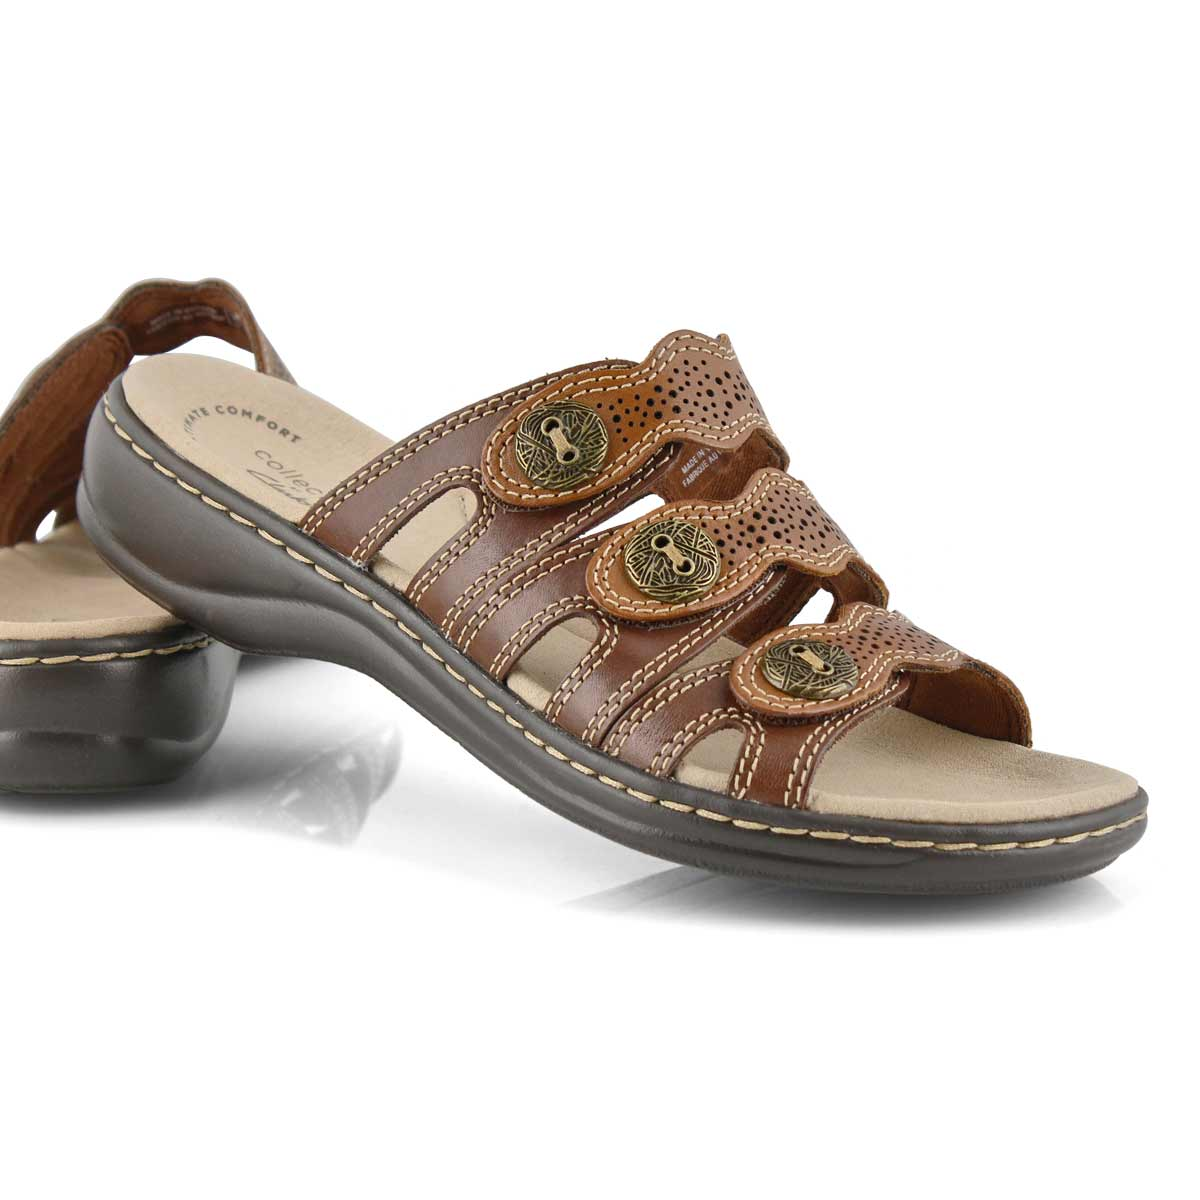 Sandale déc. Leisa Grace, brun, fem